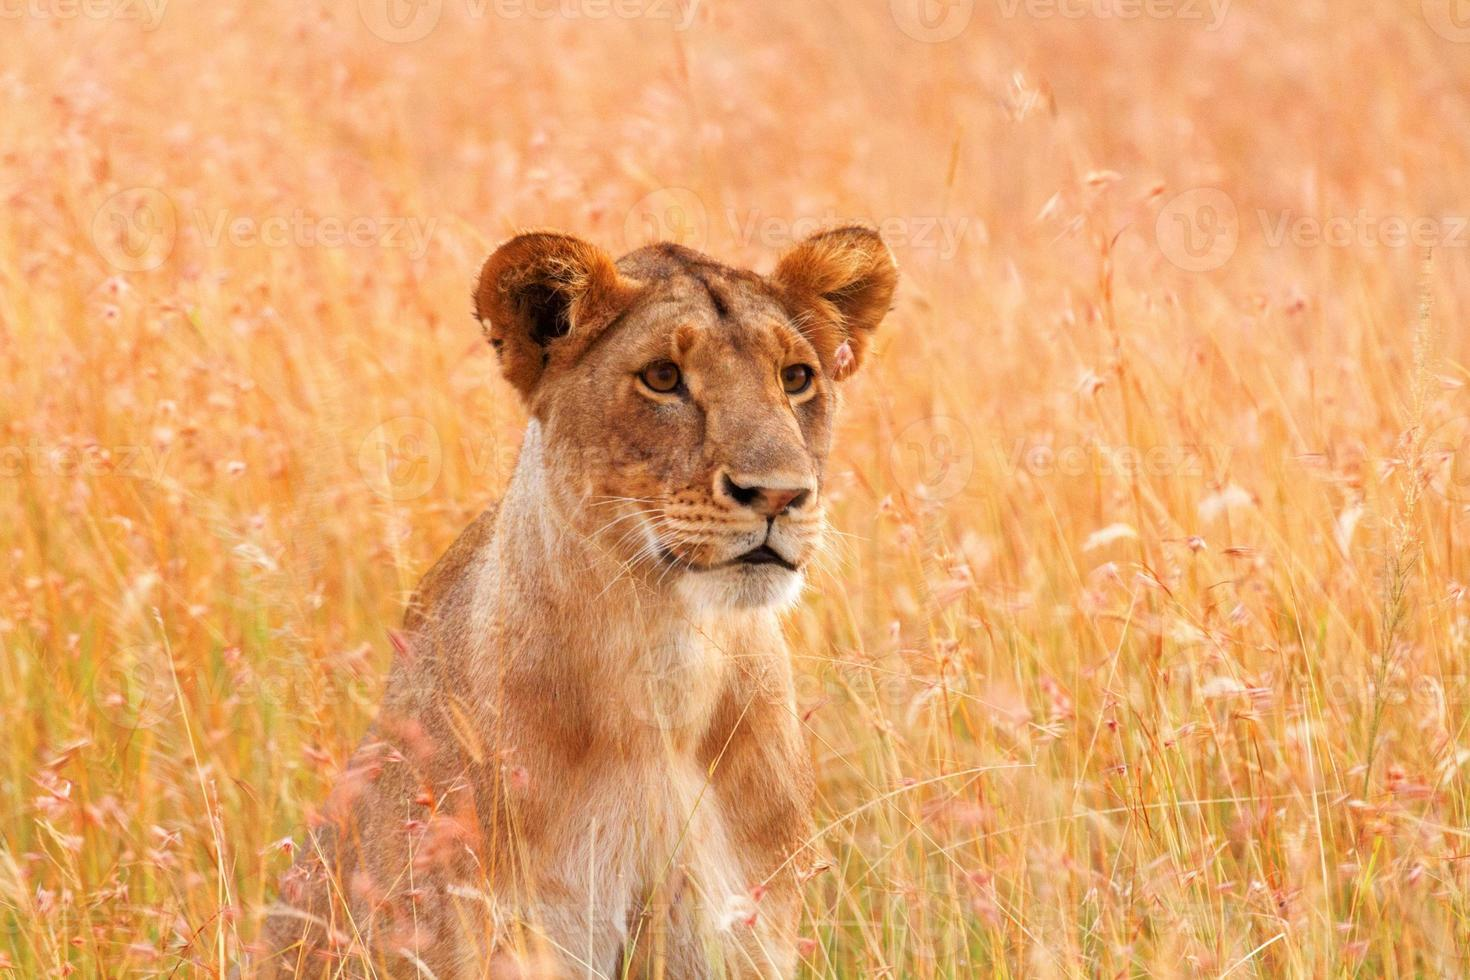 hembra león mirando a su alrededor foto